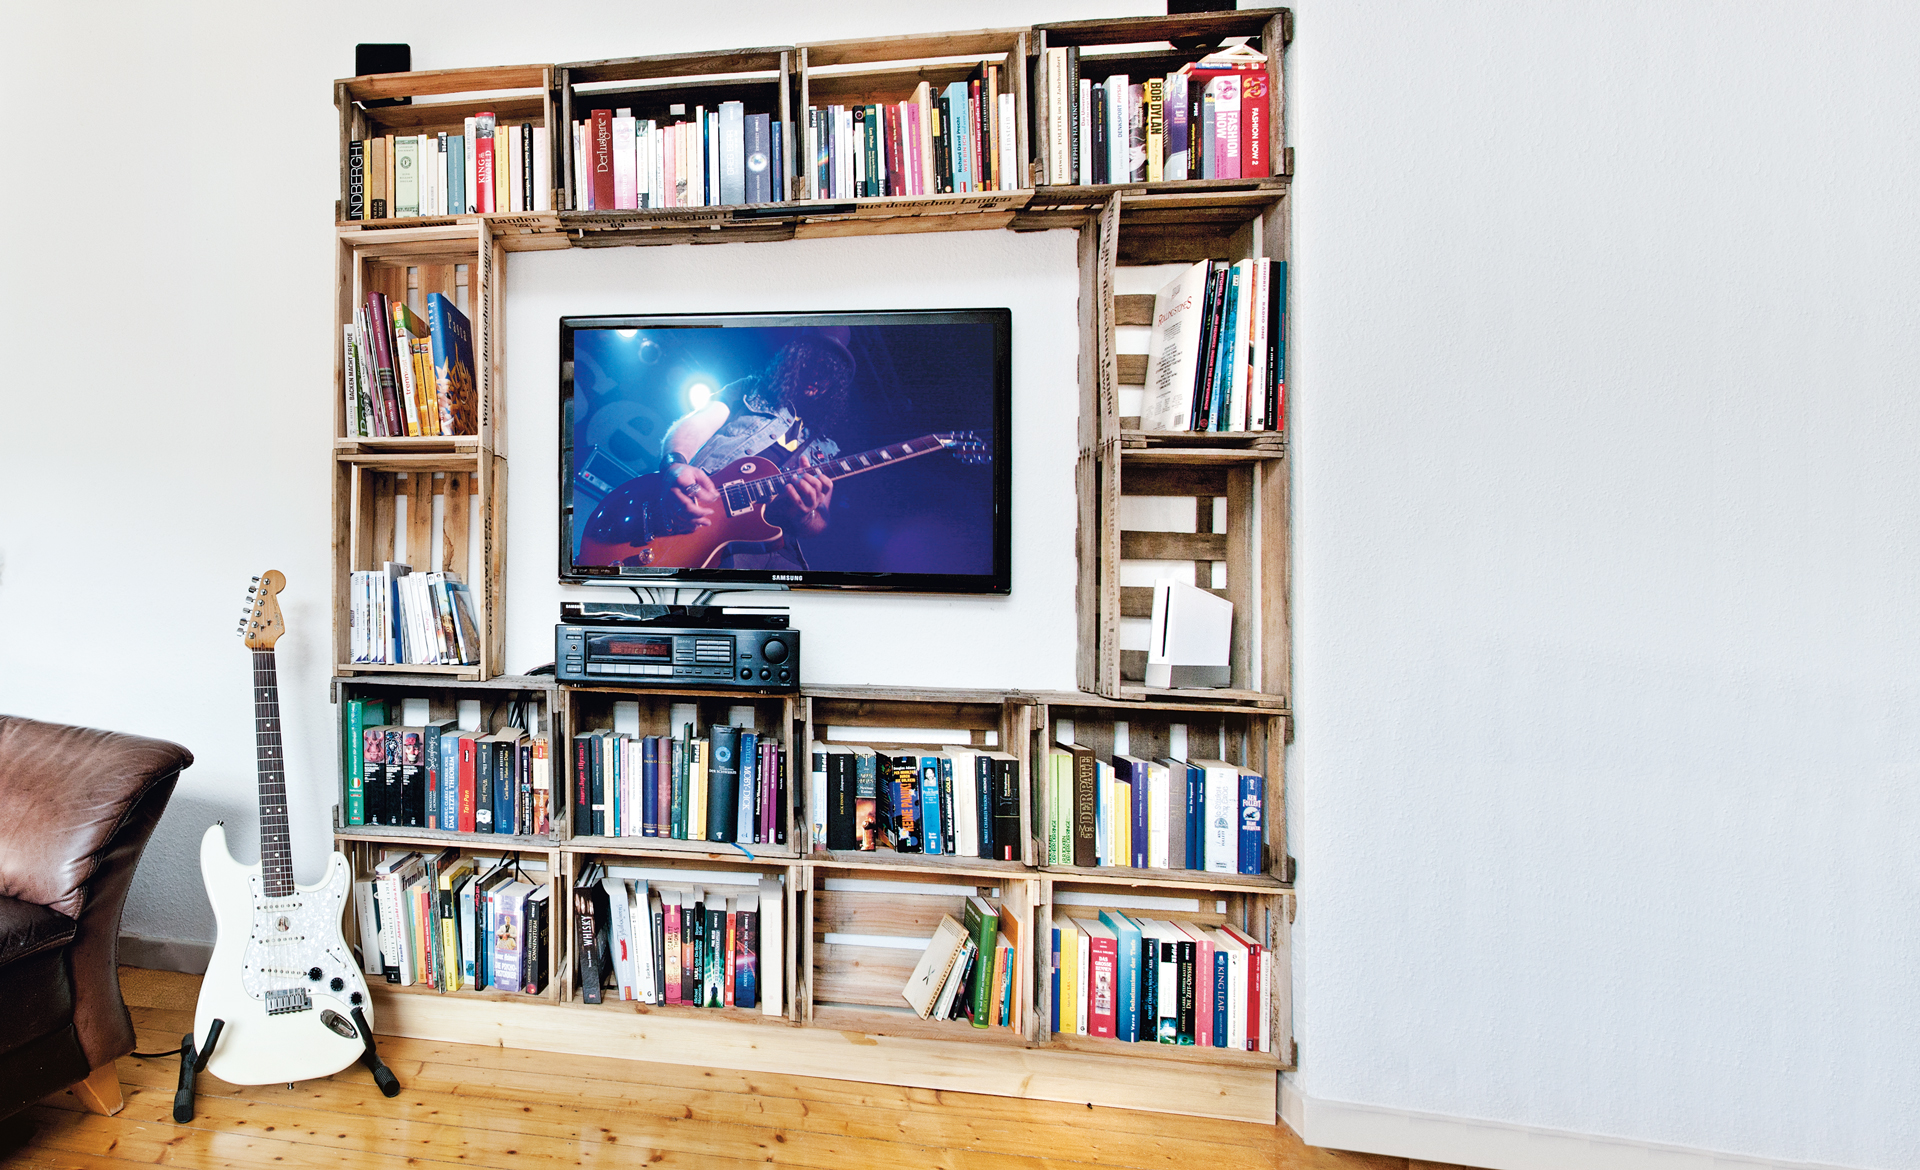 Full Size of Obstkisten Regal Weinkisten Selbstde Kanban 20 Cm Tief Konfigurator Beistellregal Küche Schräge Wand Tisch Kombination Offenes Kleine Regale Weiße Wohnzimmer Obstkisten Regal